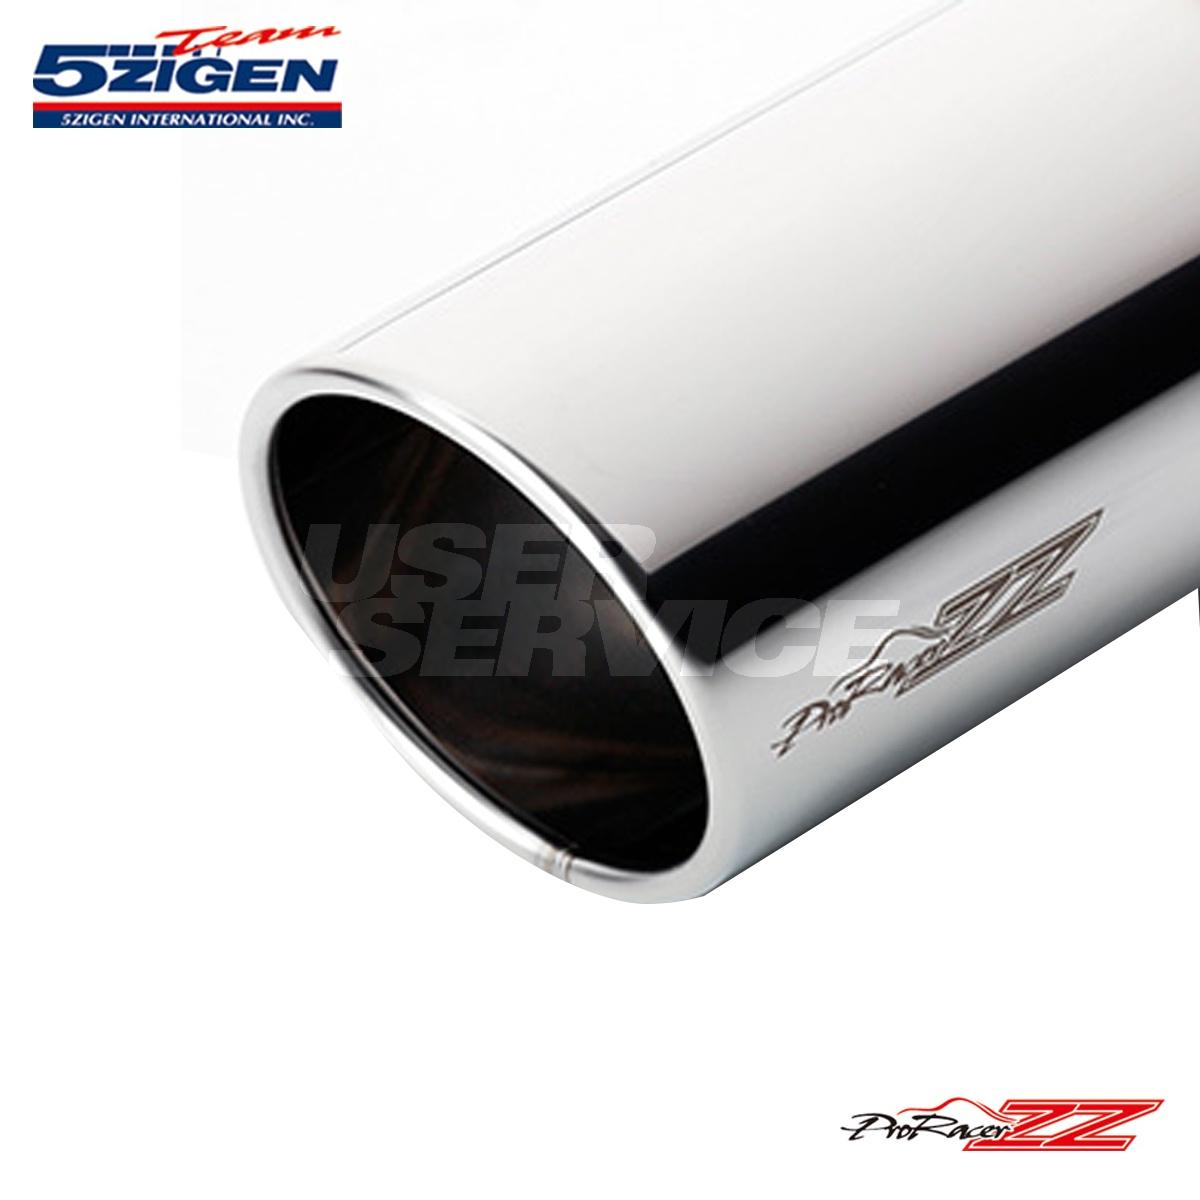 5次元 プロレーサーZZ カローラレビン E-AE111 マフラー 品番:PZT-014 5ZIGEN